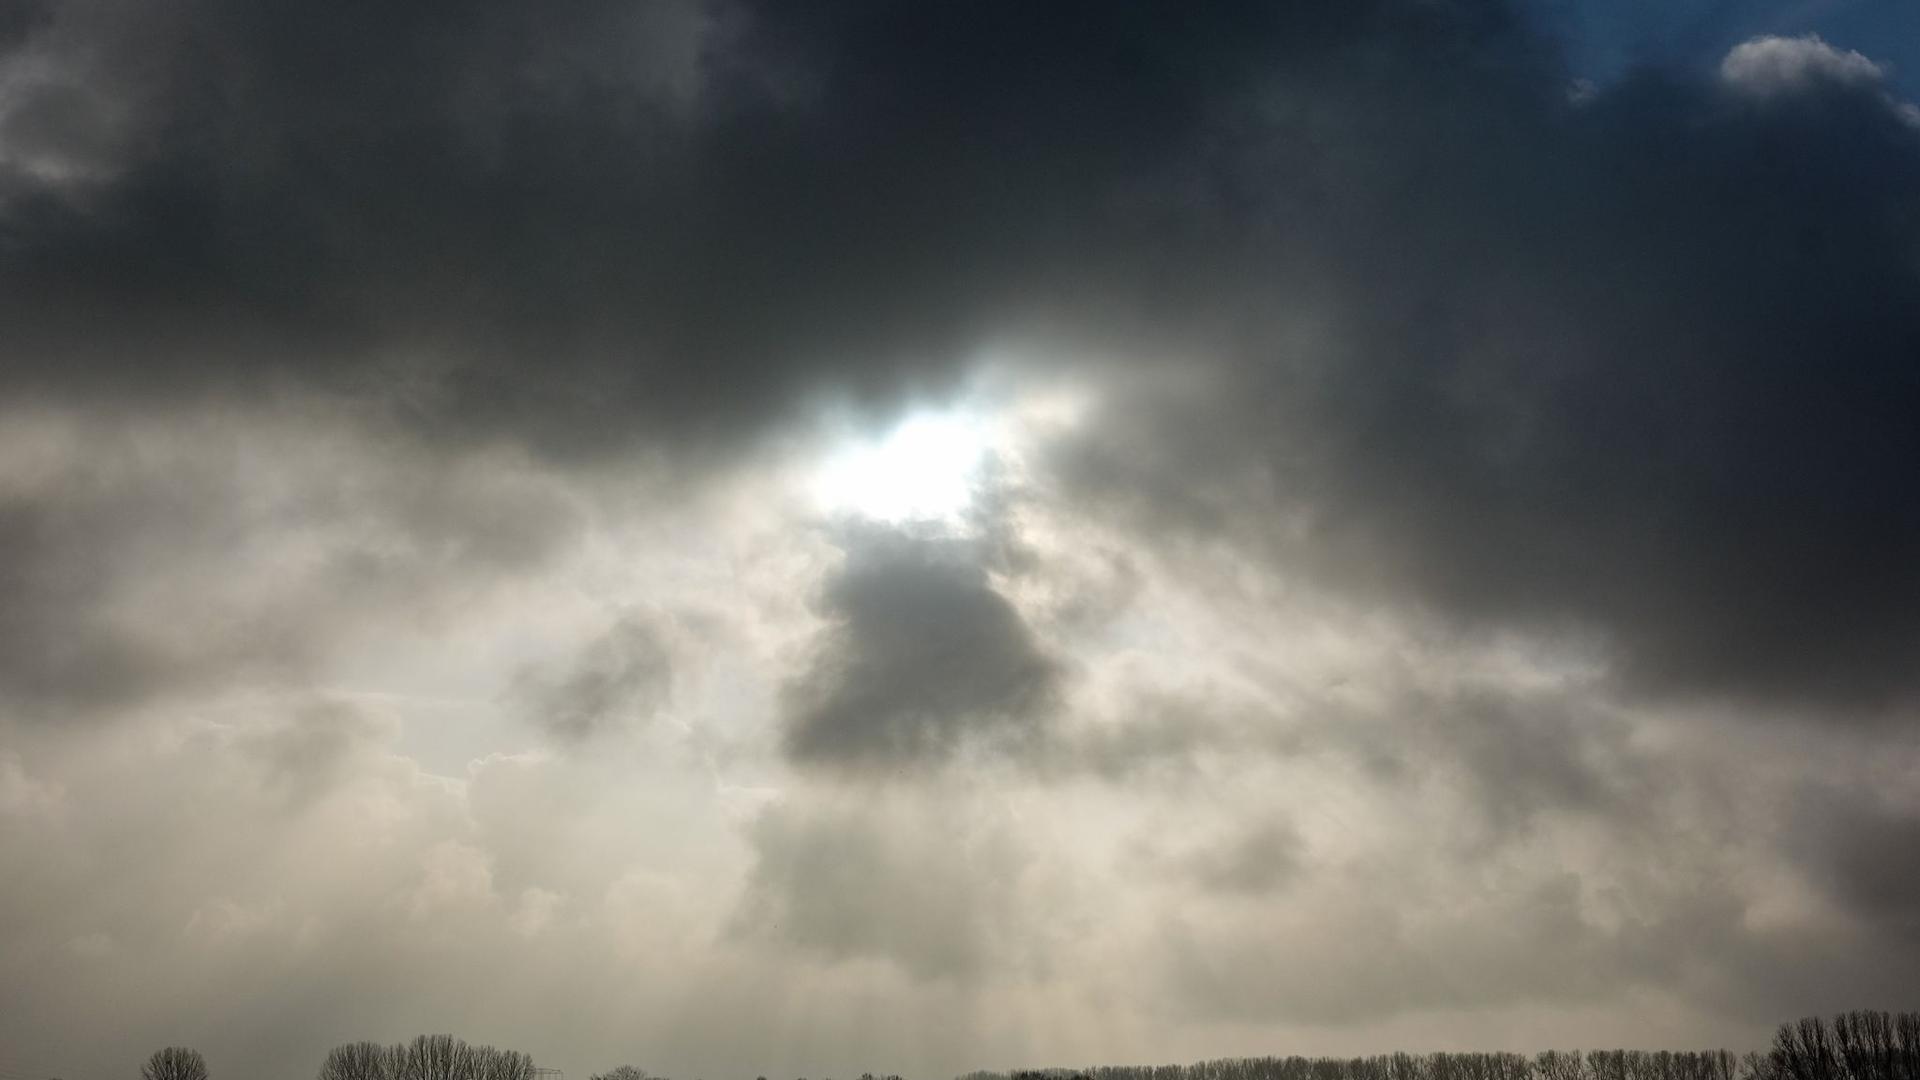 Die Sonne kommt nur kurzzeitig hinter einer dunklen Wolkendecke hervor.